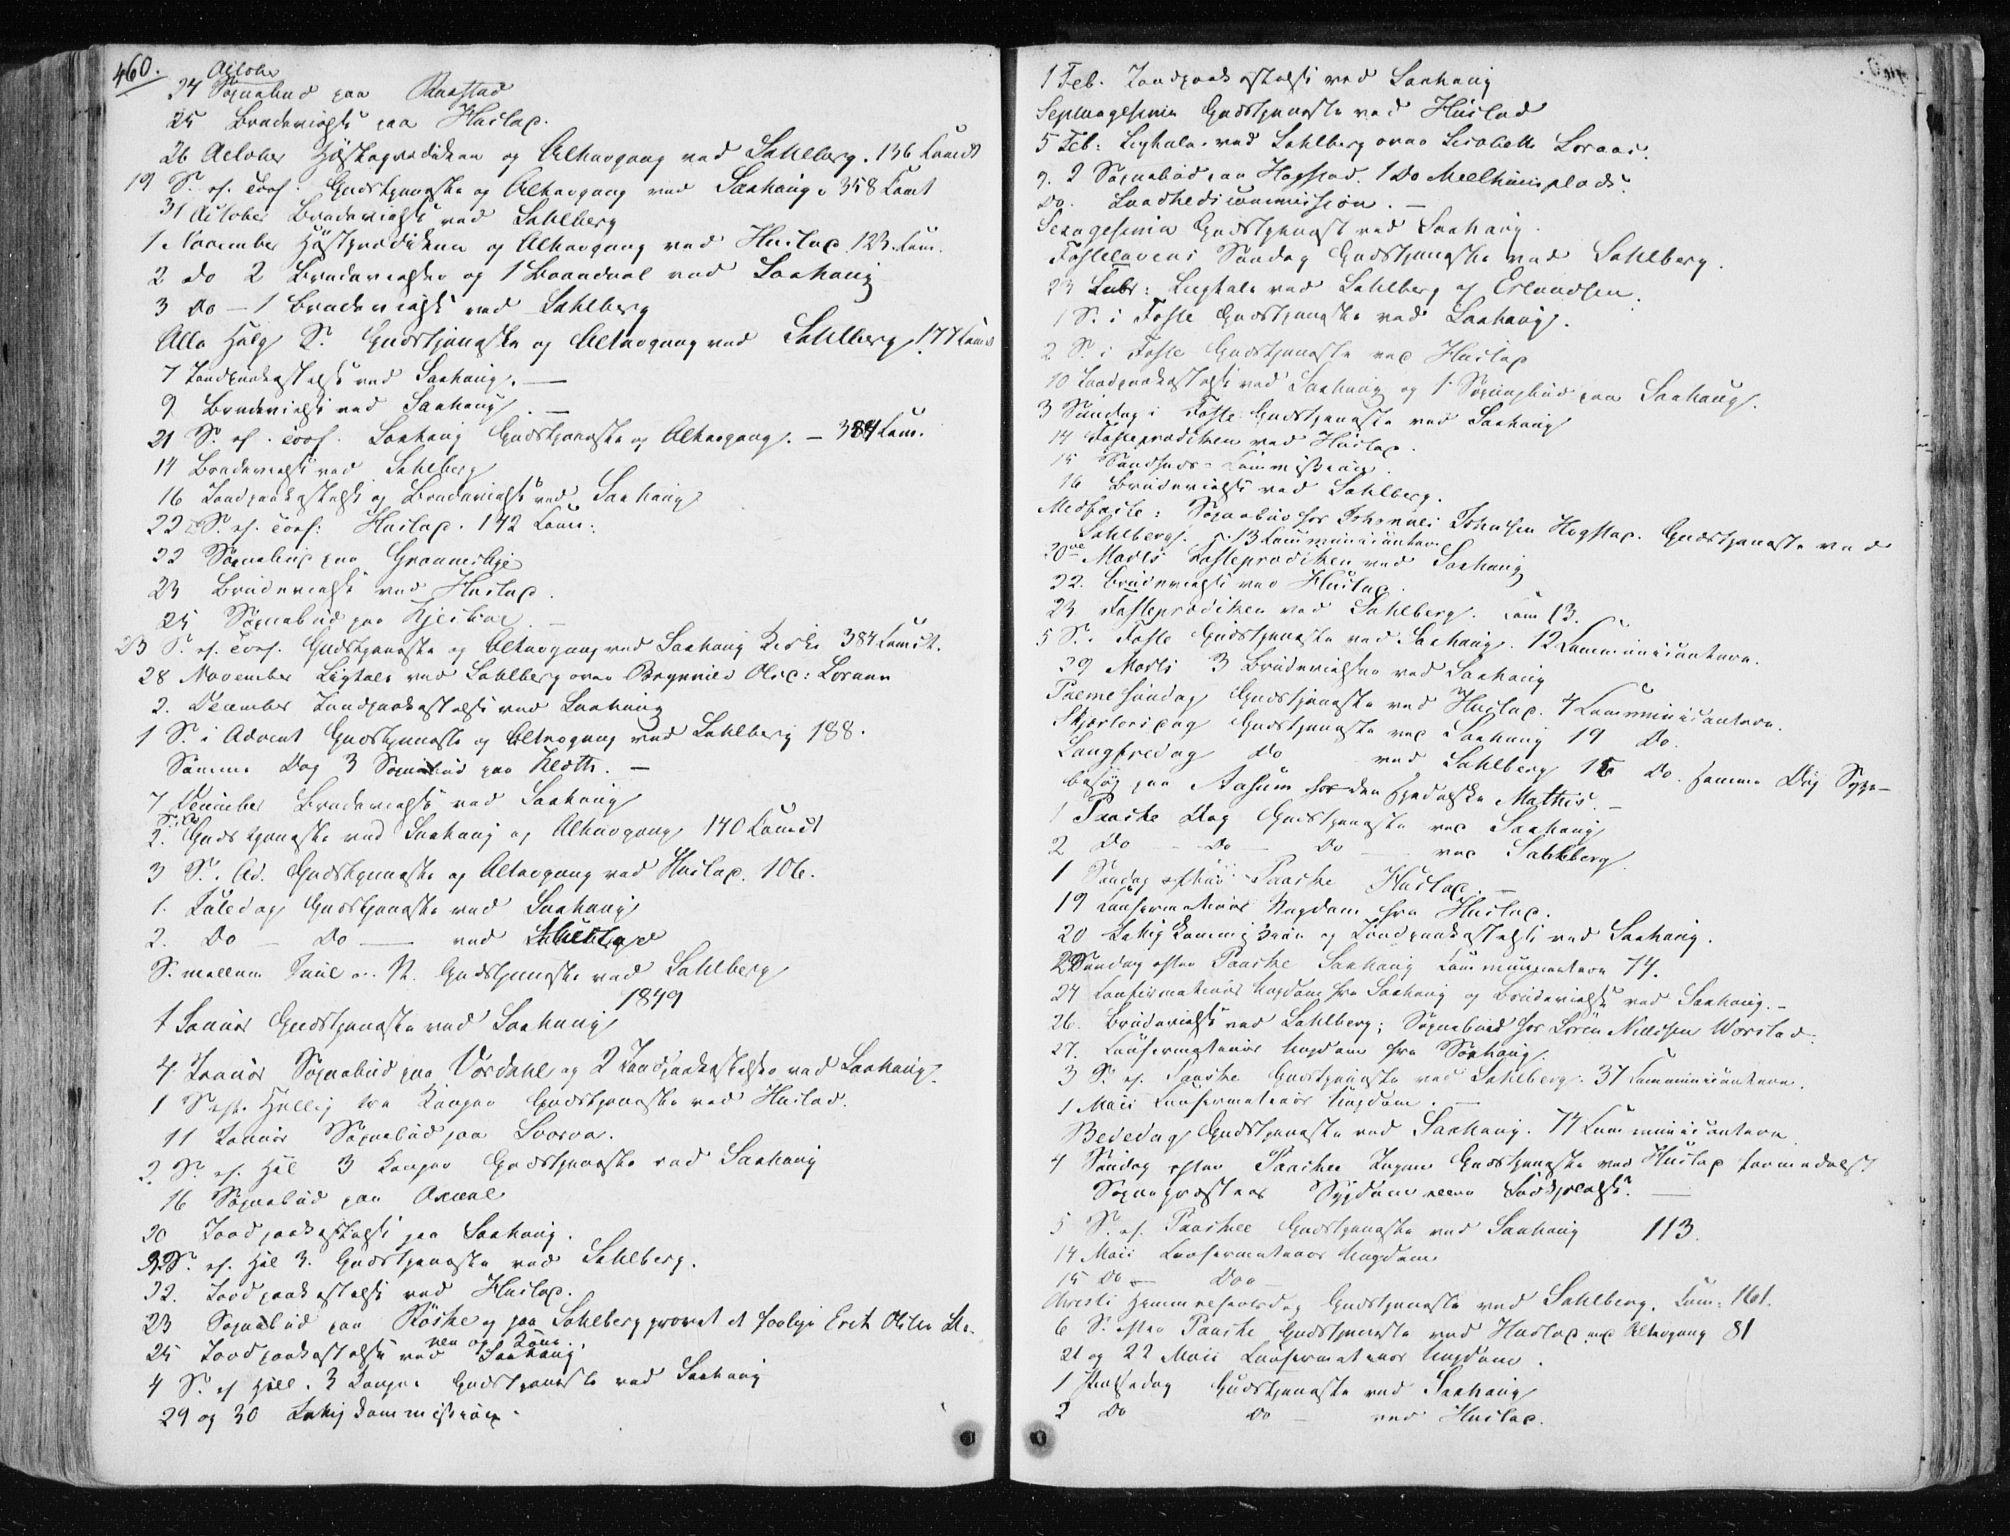 SAT, Ministerialprotokoller, klokkerbøker og fødselsregistre - Nord-Trøndelag, 730/L0280: Ministerialbok nr. 730A07 /1, 1840-1854, s. 460